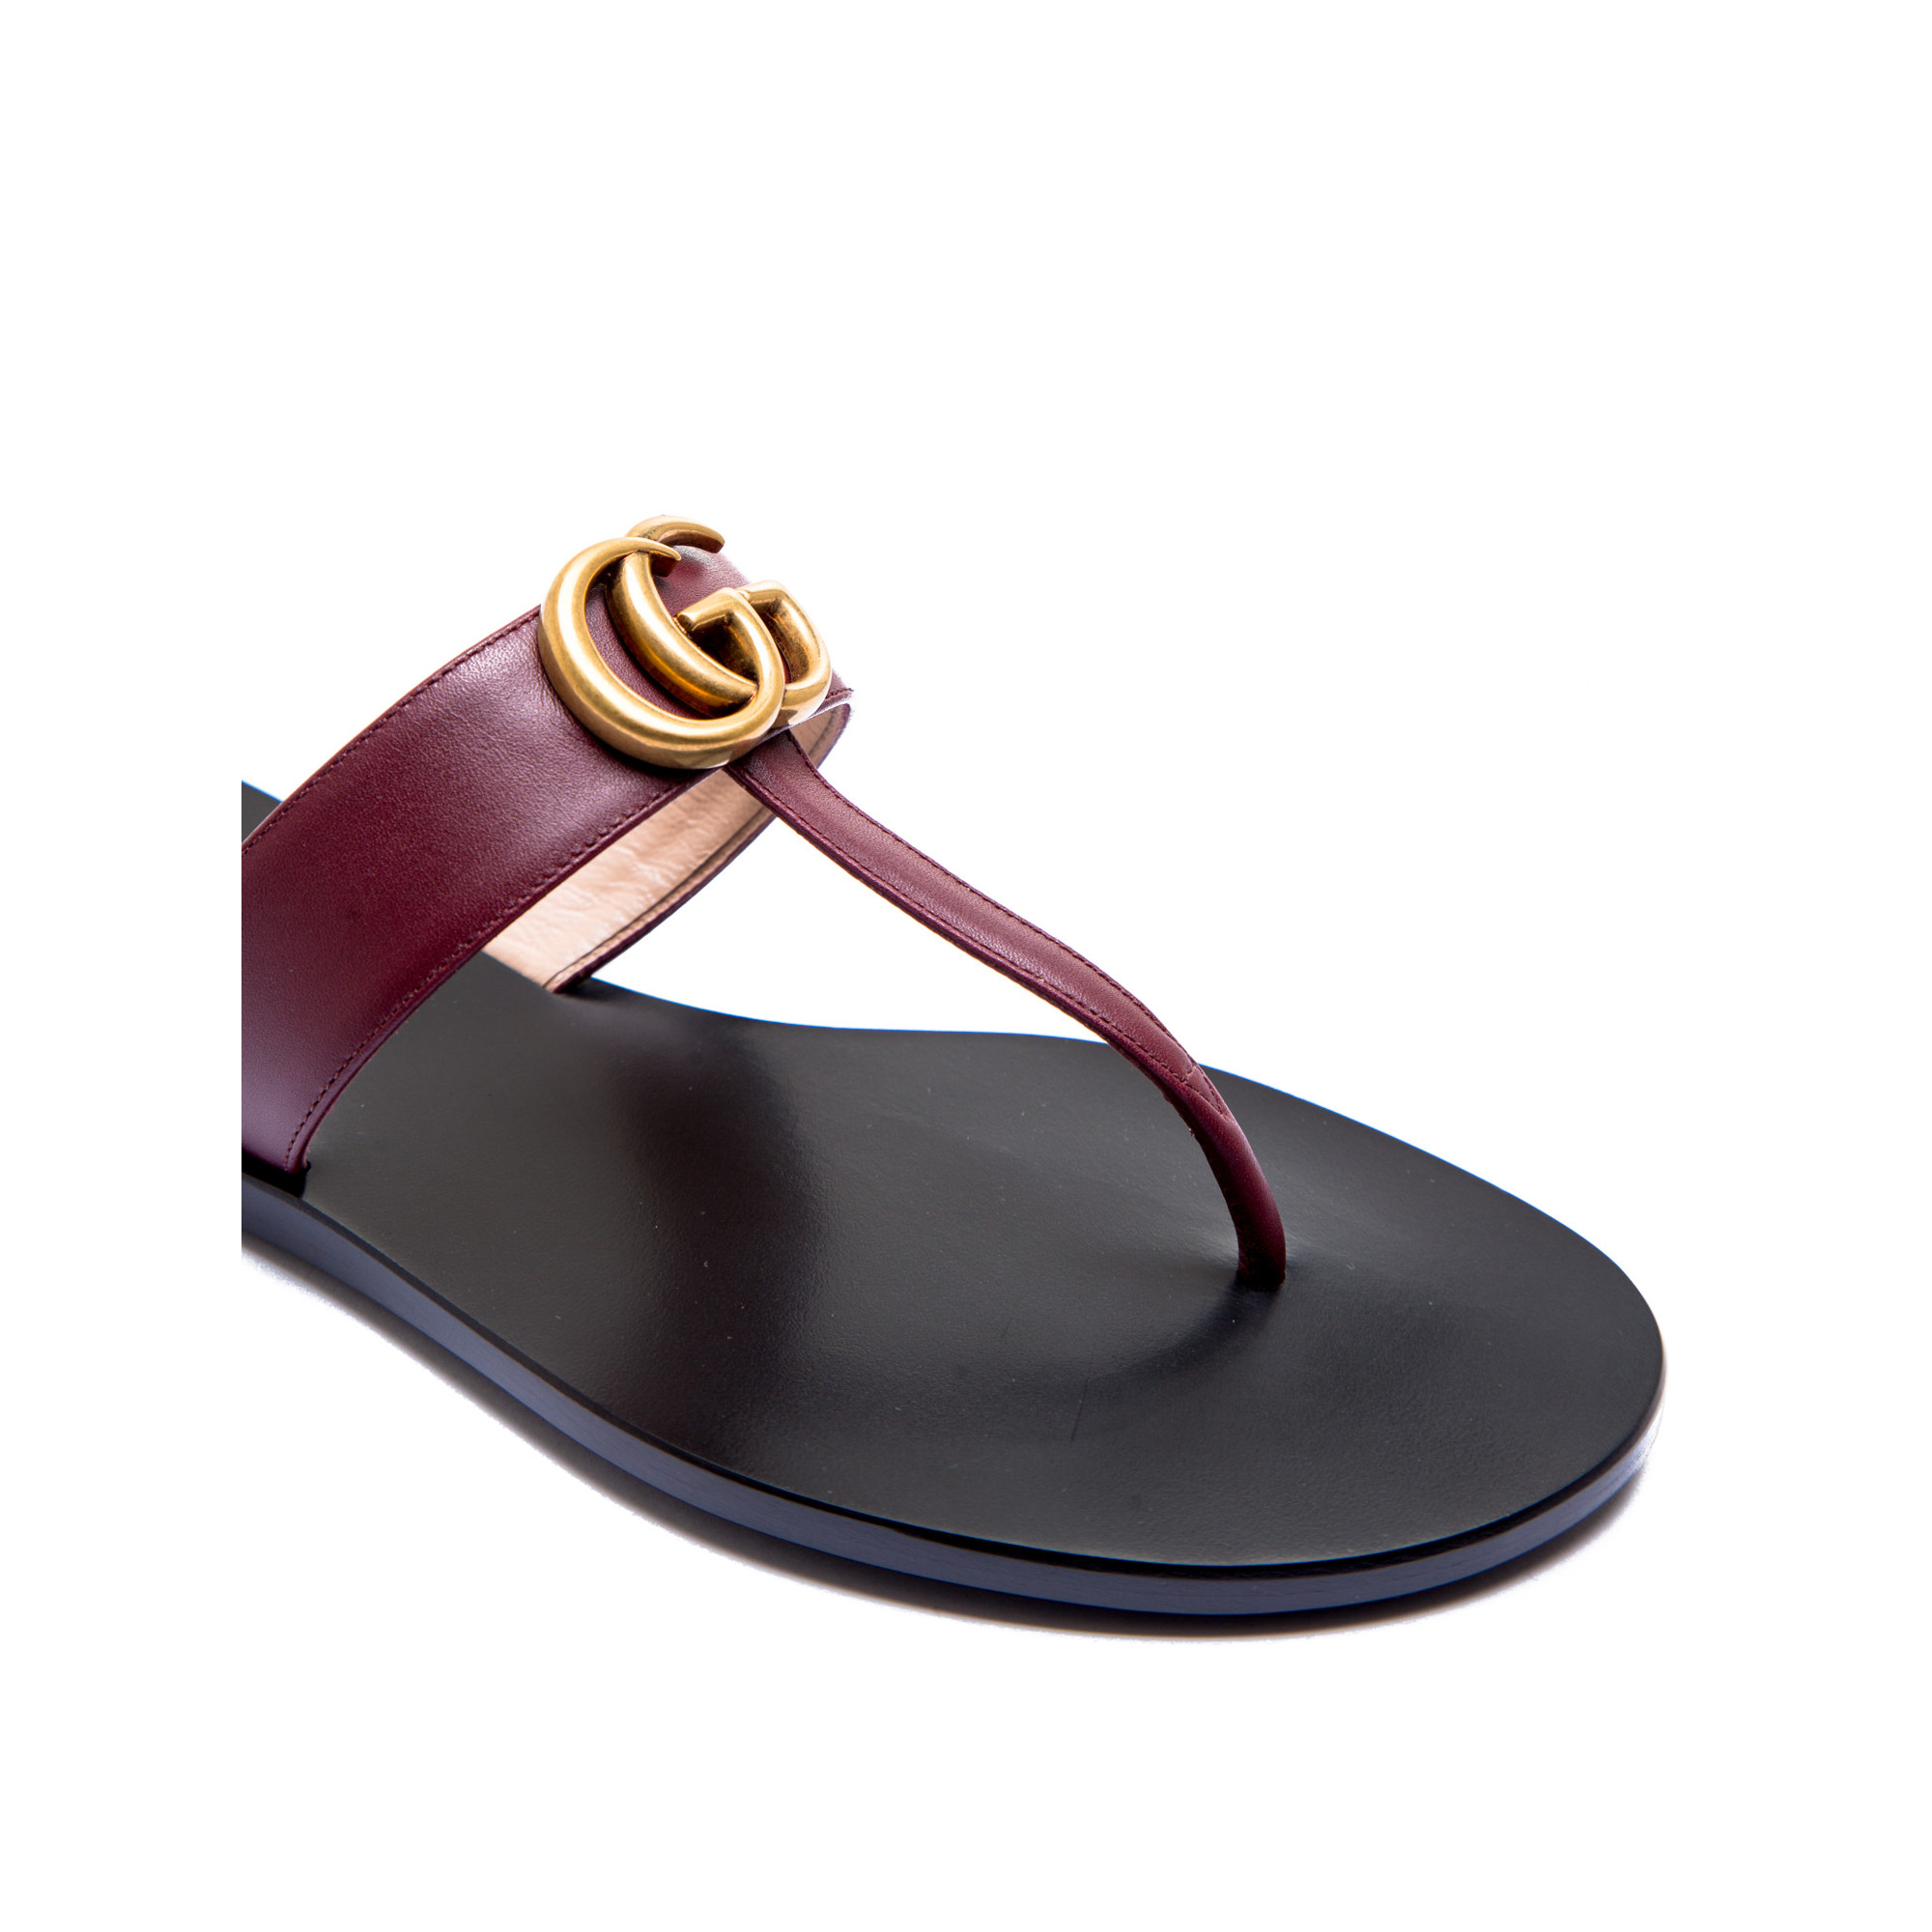 19fdc50e9 ... Gucci sandals lifford bordeaux Gucci sandals lifford bordeaux - www. derodeloper.com - Derodeloper